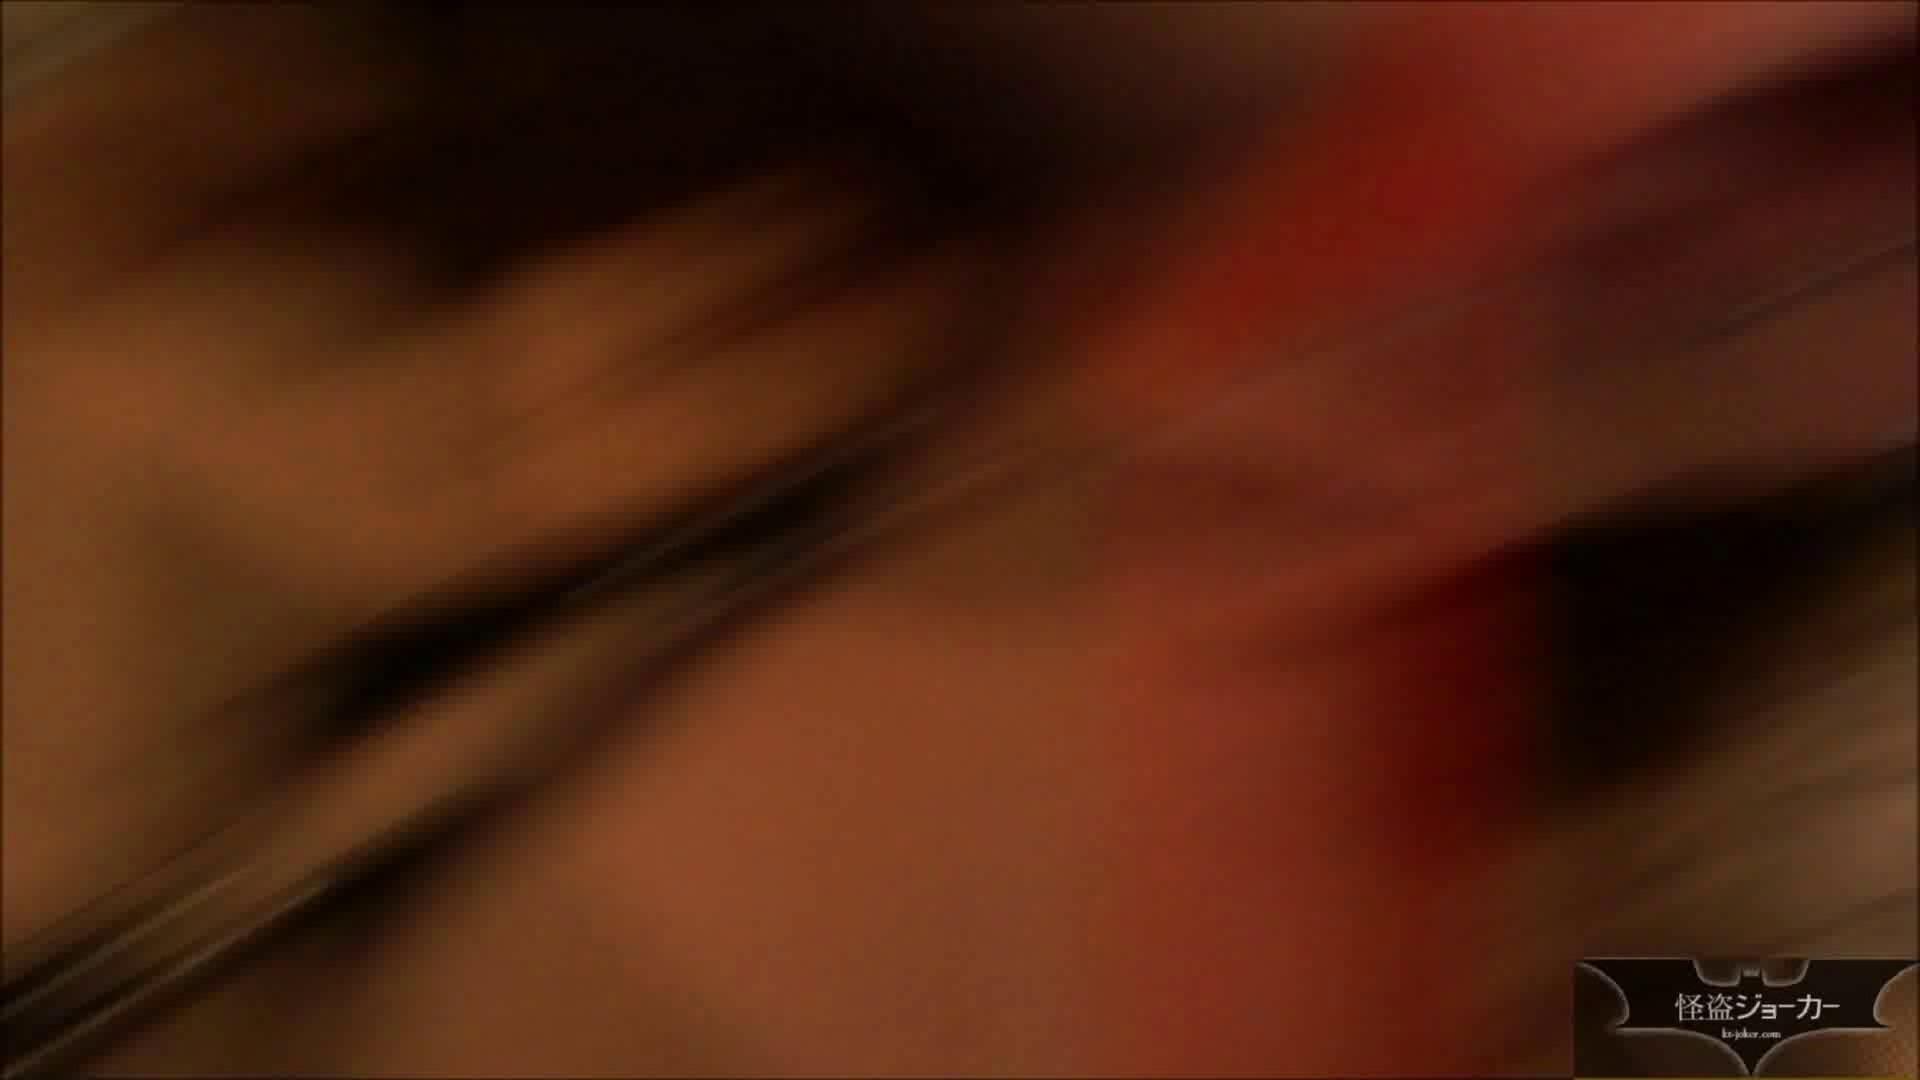 【未公開】vol.25 ユリナ、寝取られのアト。実はその前に・・・ 車 アダルト動画キャプチャ 52pic 42